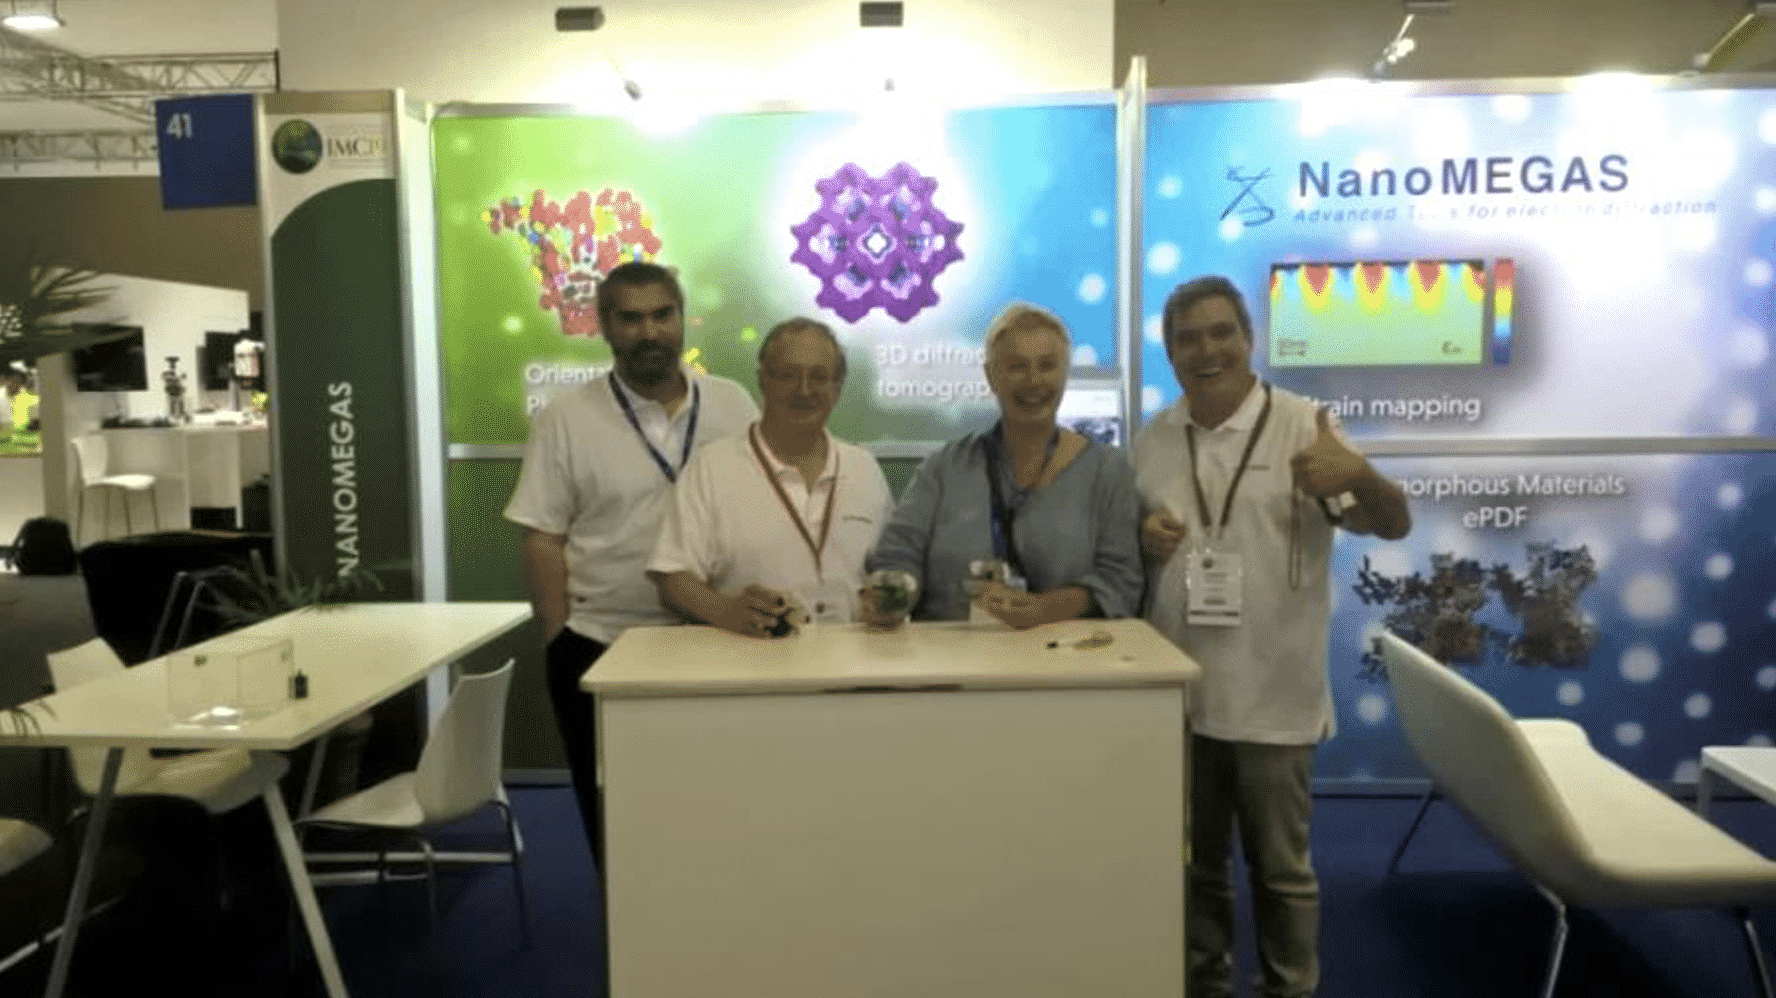 Nanomegas company